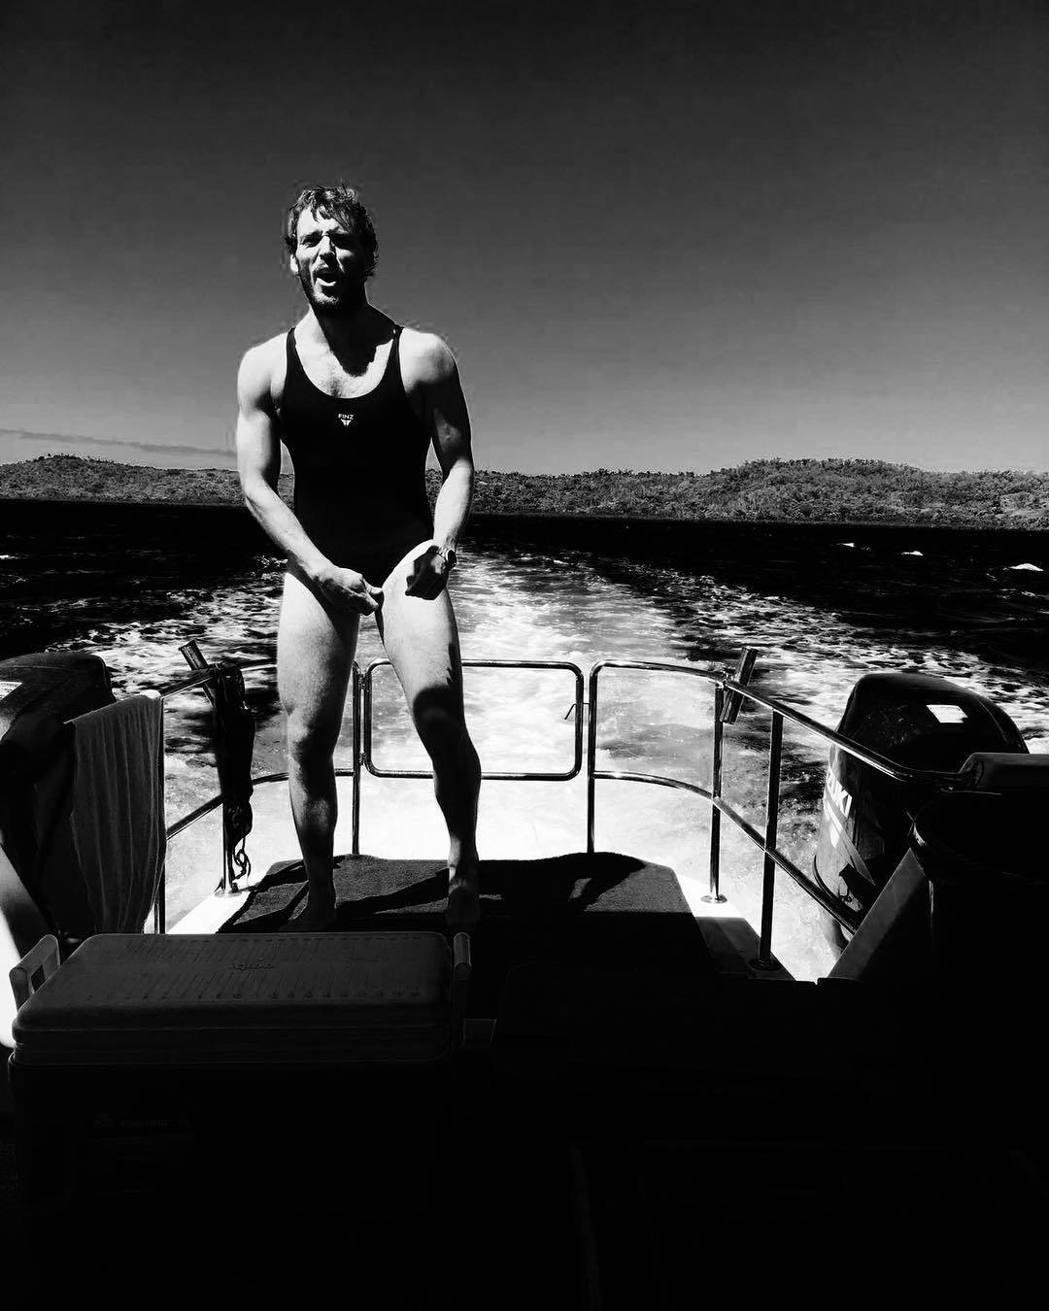 穿上女性泳裝的山姆克萊弗林,帥氣少爺形象蕩然無存。圖/摘自instagram